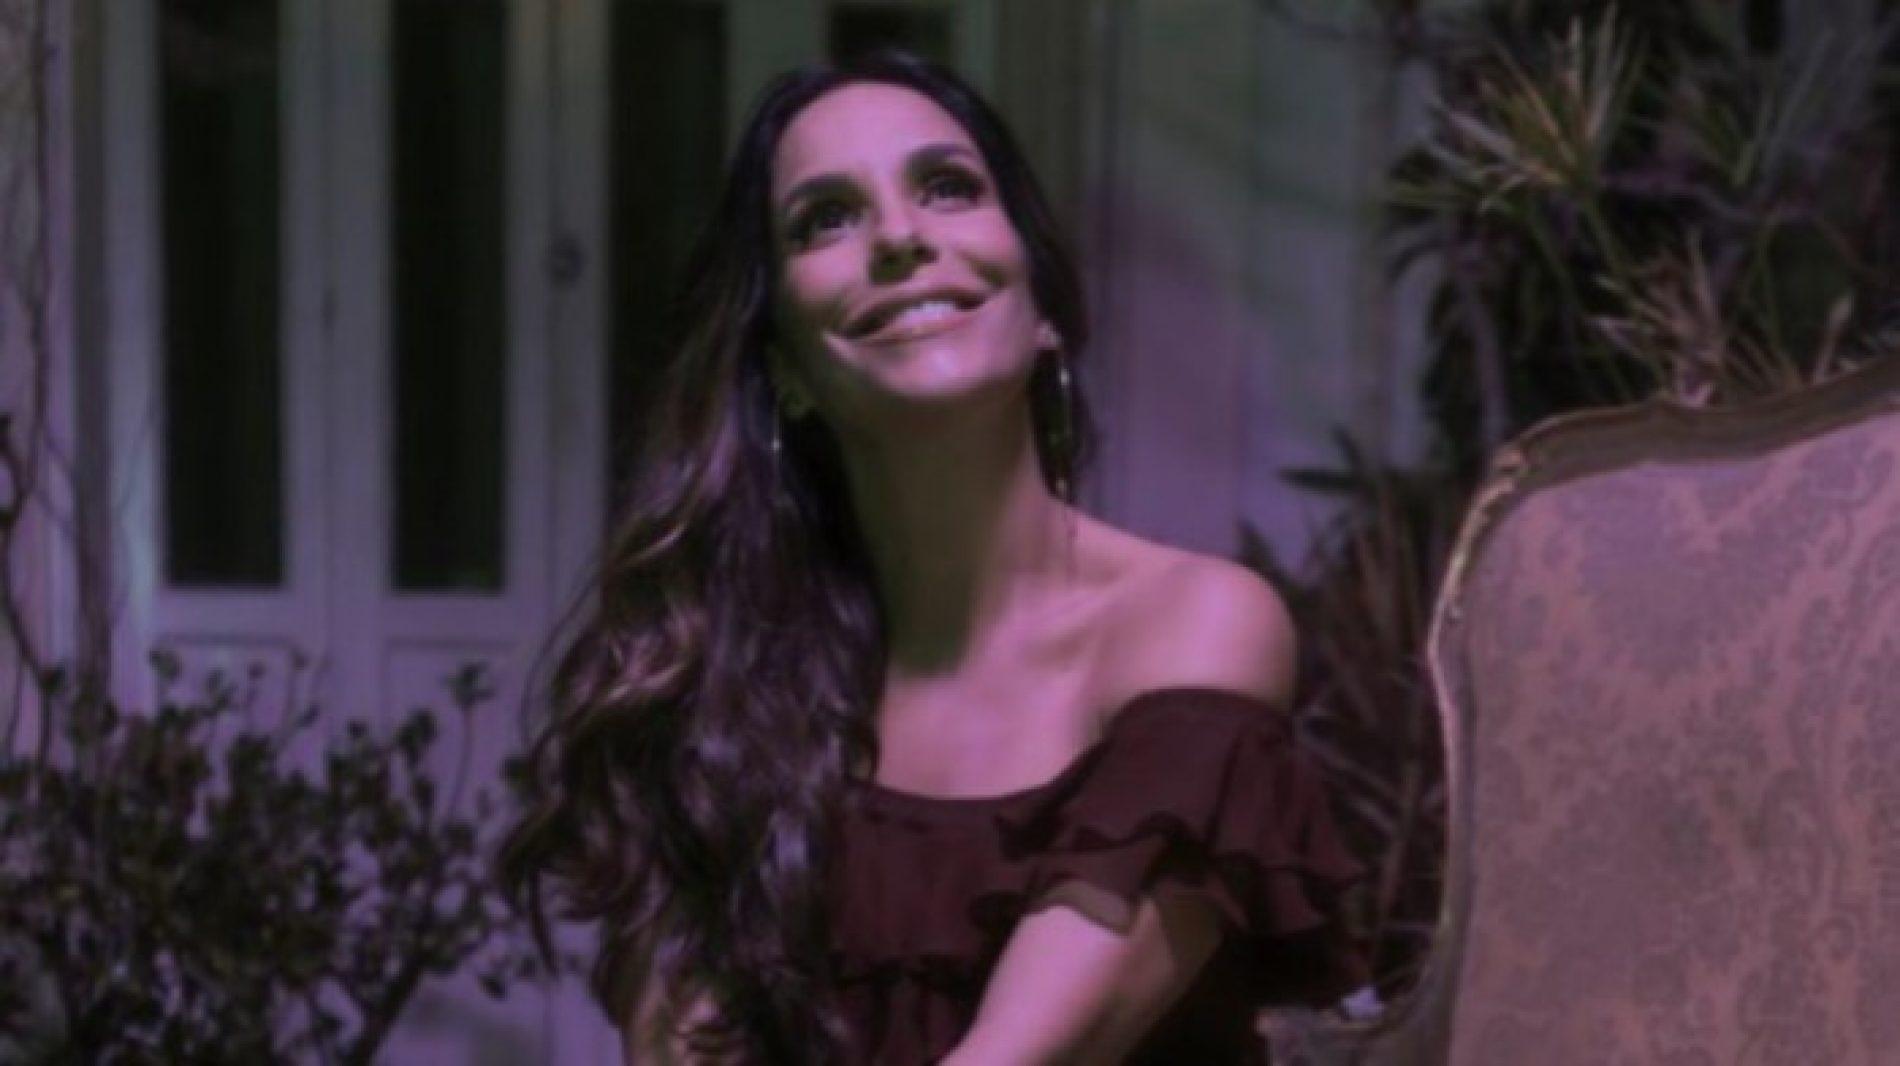 Cantora Ivete Sangalo é indicada na primeira edição do Women's Music Event Awards by Vevo